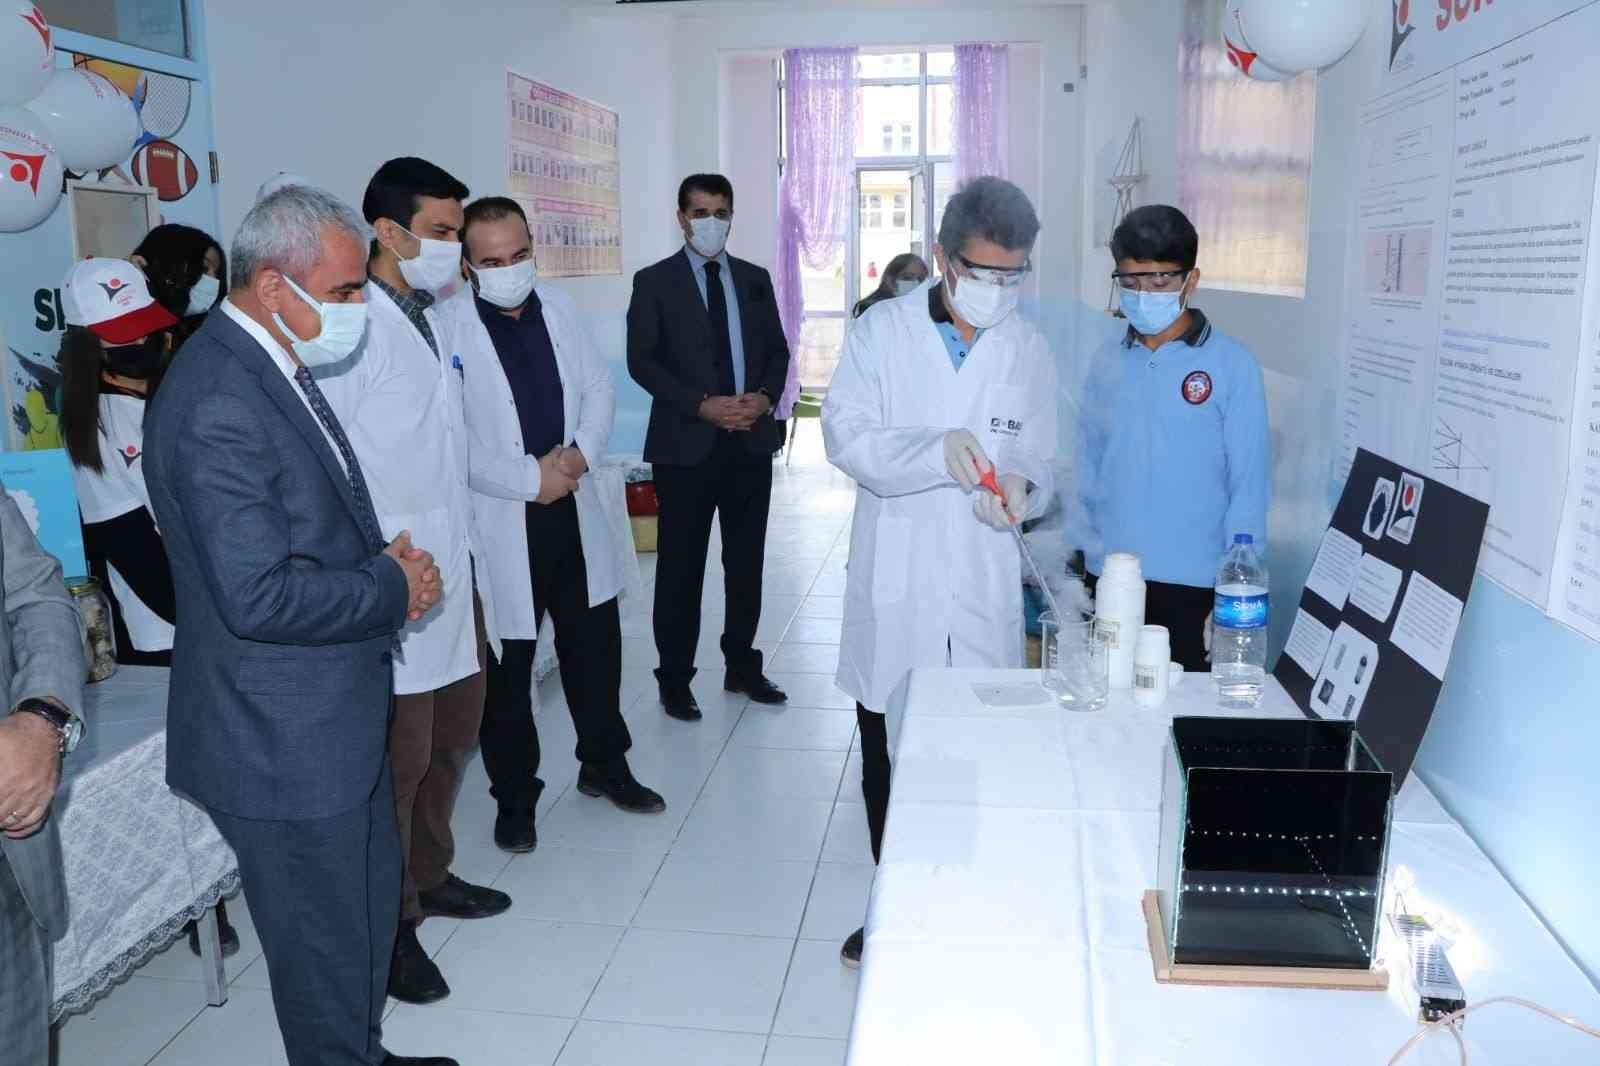 Hakkari'de 'Bilim Fuarı' heyecanı #hakkari